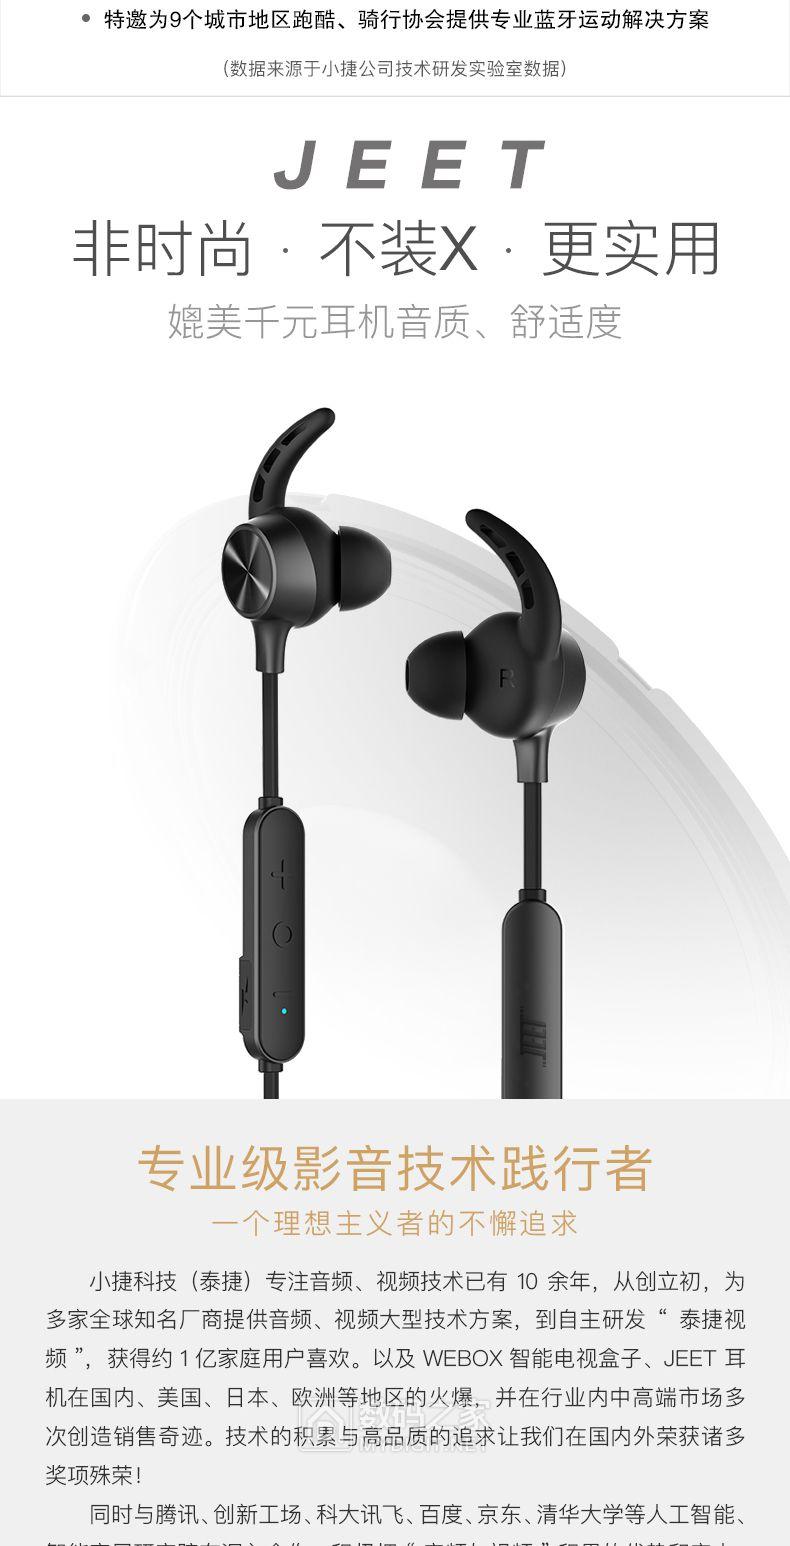 媲美轻奢级音质,JEET蓝牙耳机评测试用活动